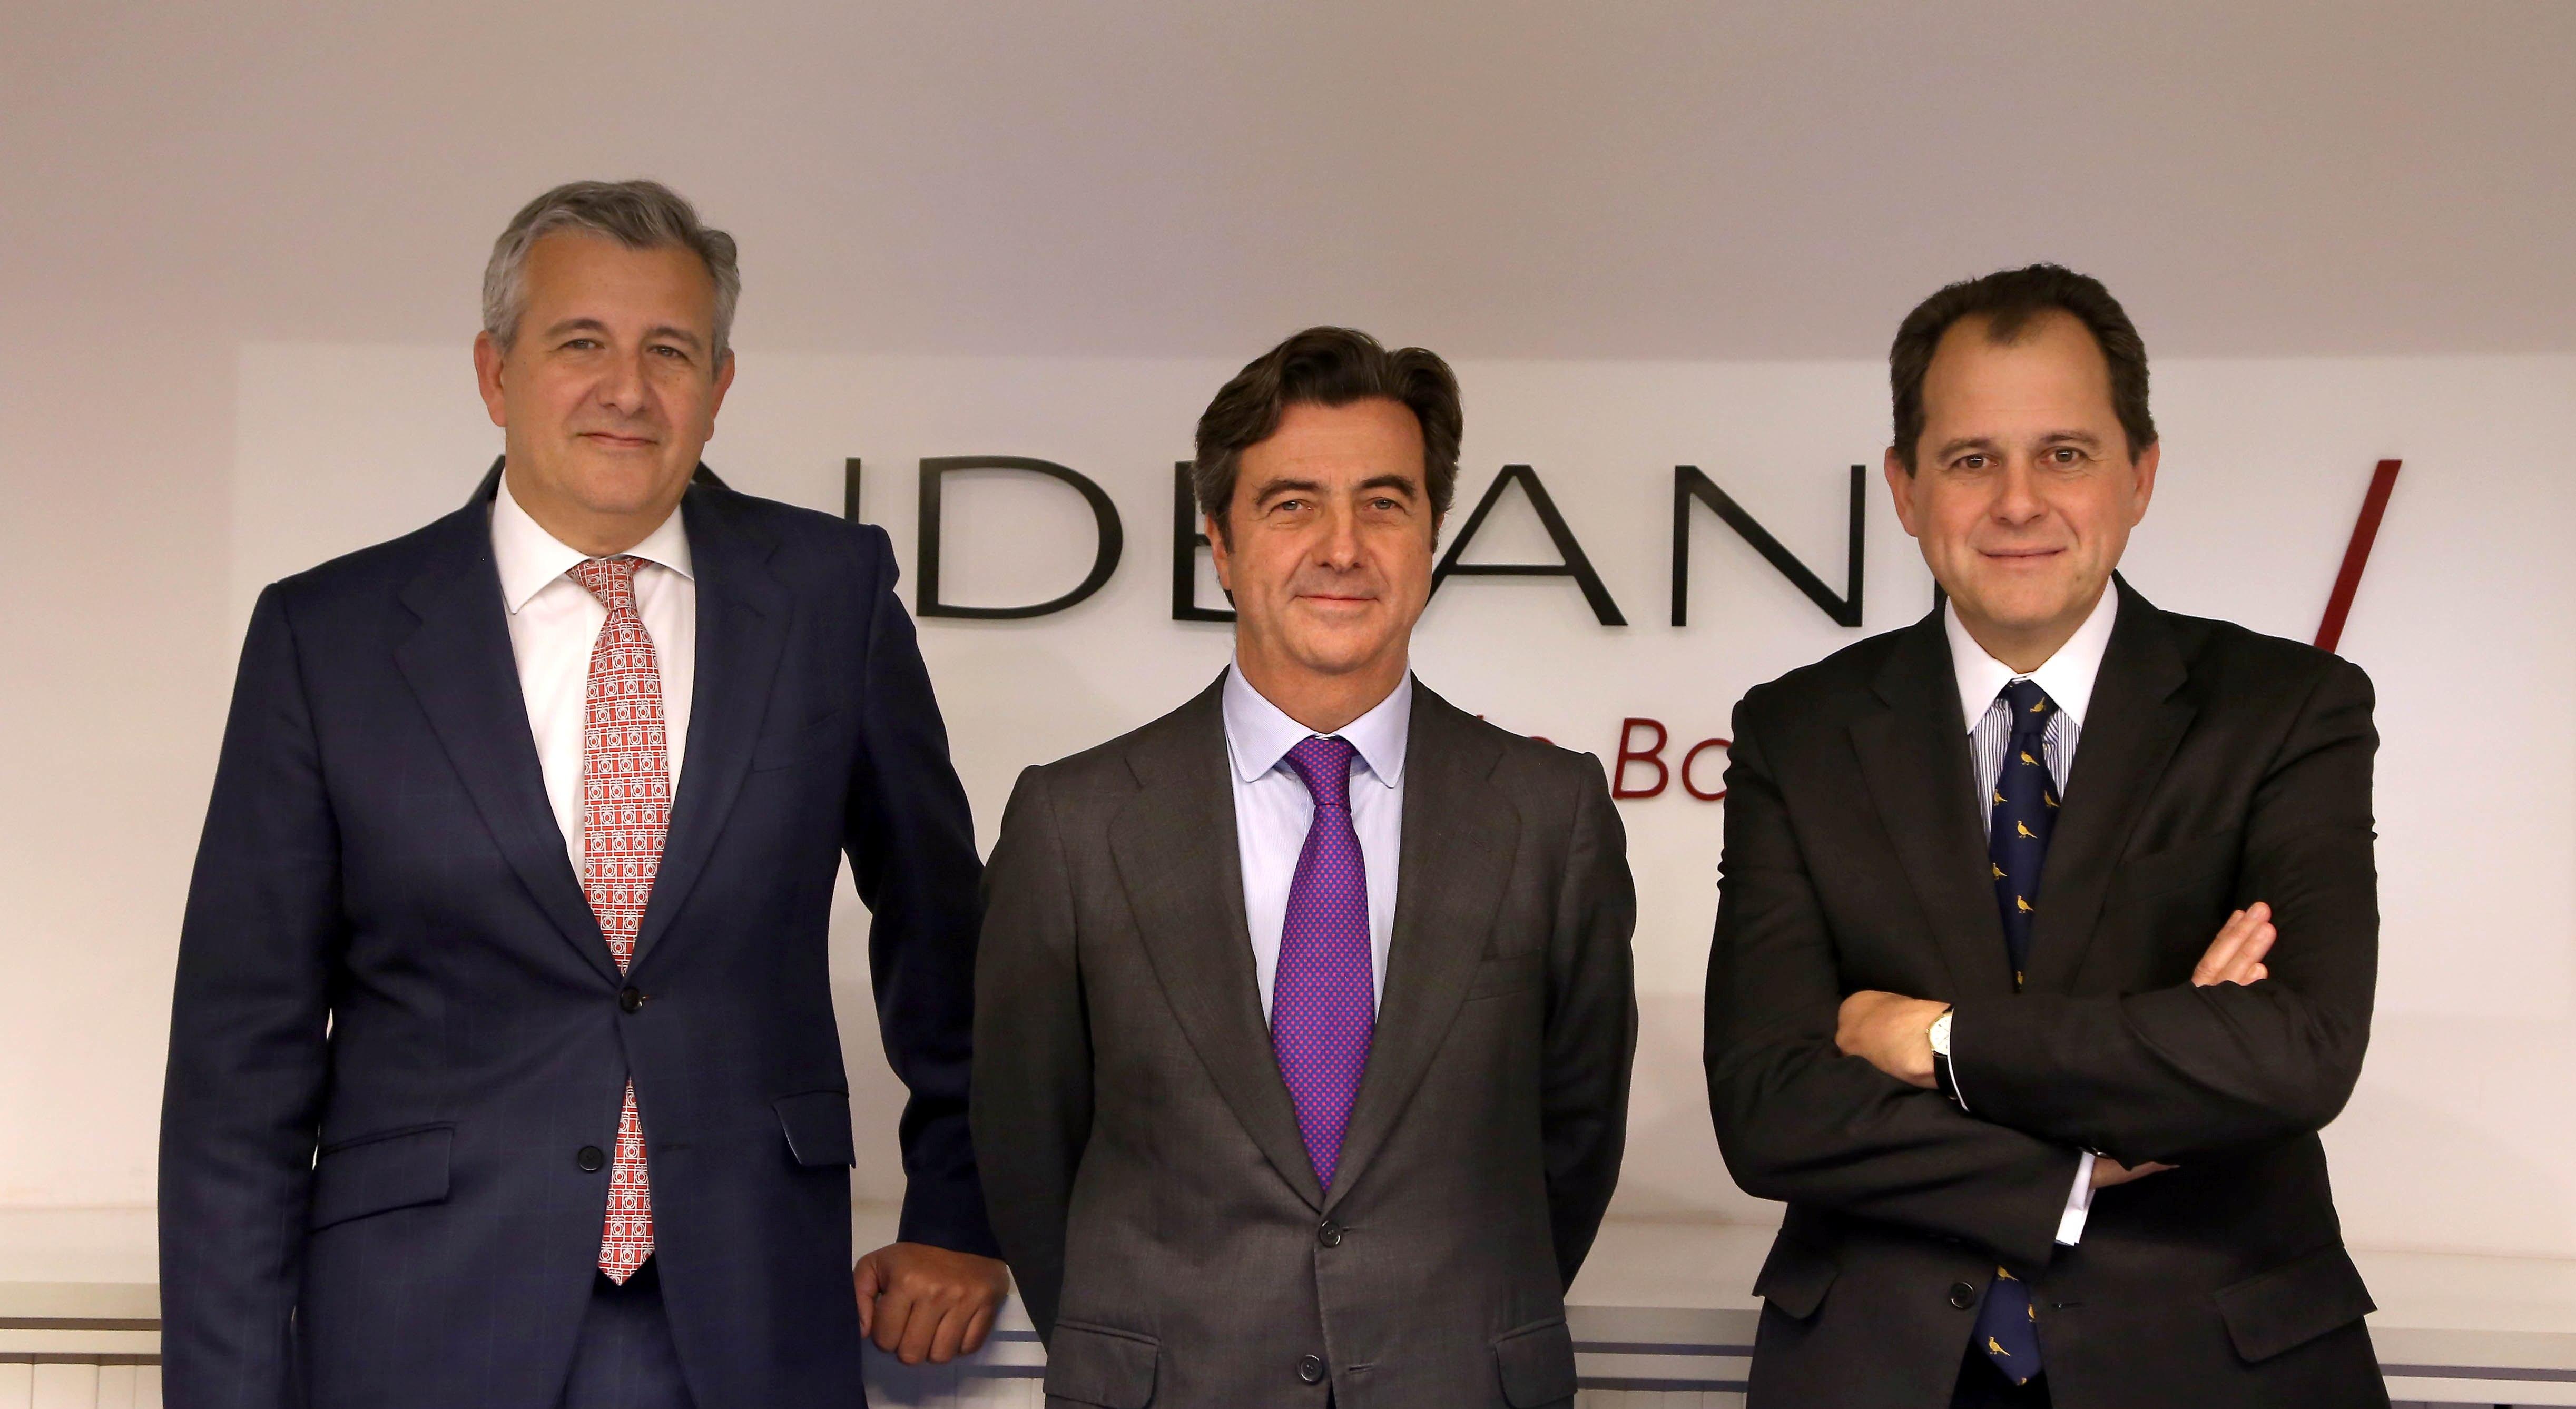 """Moreno de Tejada: """"Pretendemos convertirnos en el mayor banco de banca privada de habla hispana"""""""